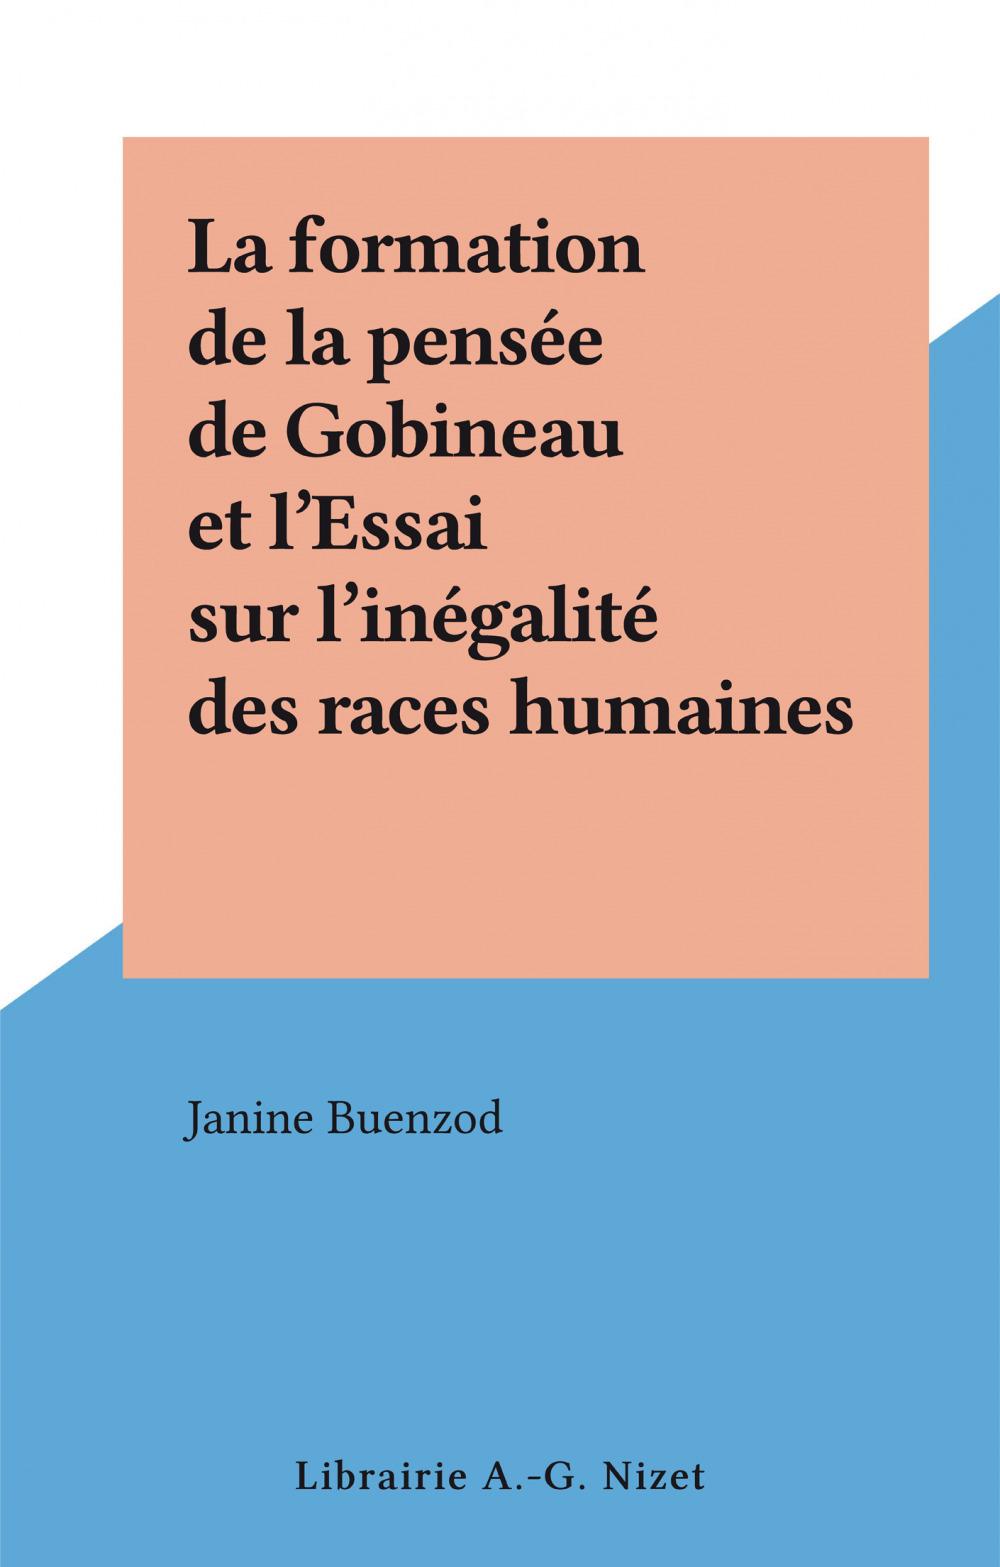 La formation de la pensée de Gobineau et l'Essai sur l'inégalité des races humaines